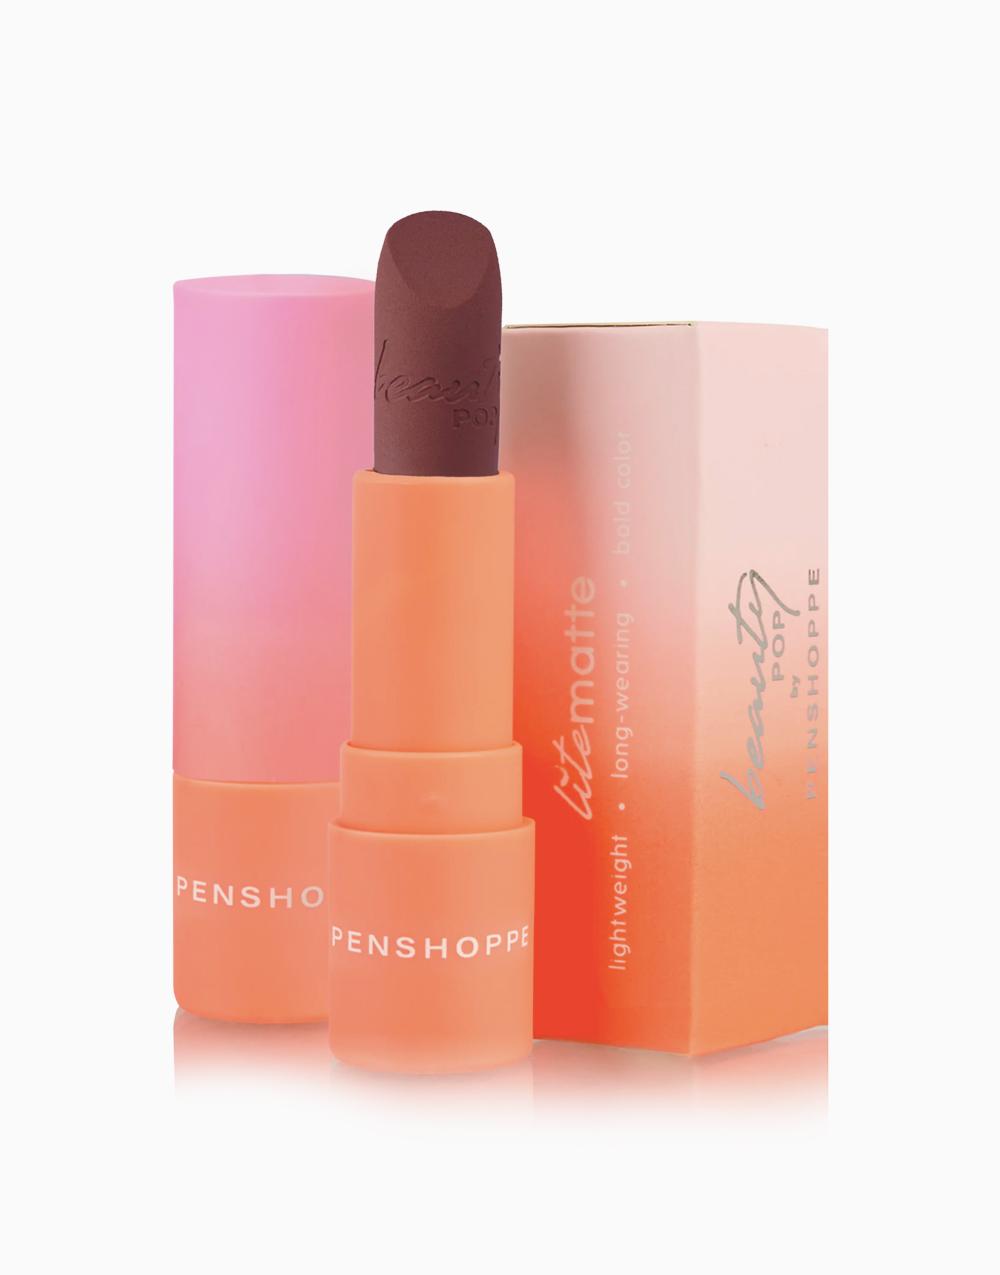 LiteMatte Lipstick by Penshoppe | Slay